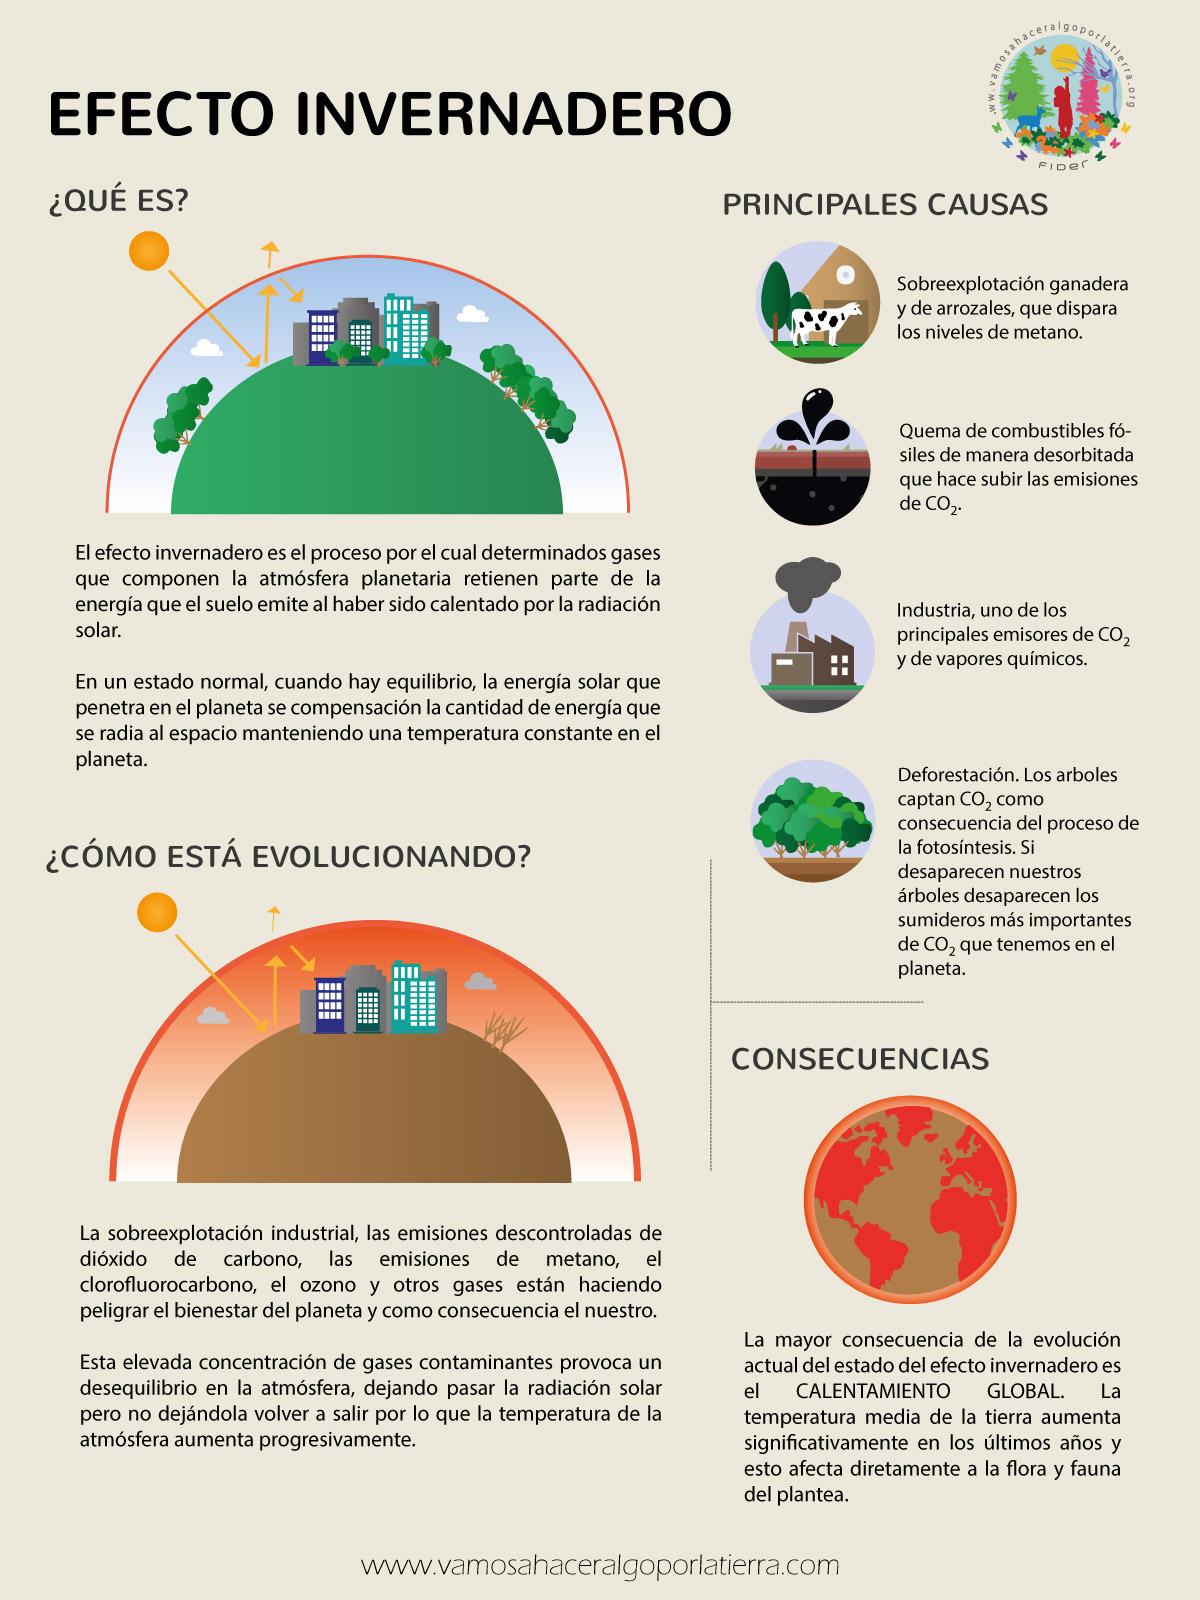 Claves para entender el efecto invernadero - Vamos a hacer